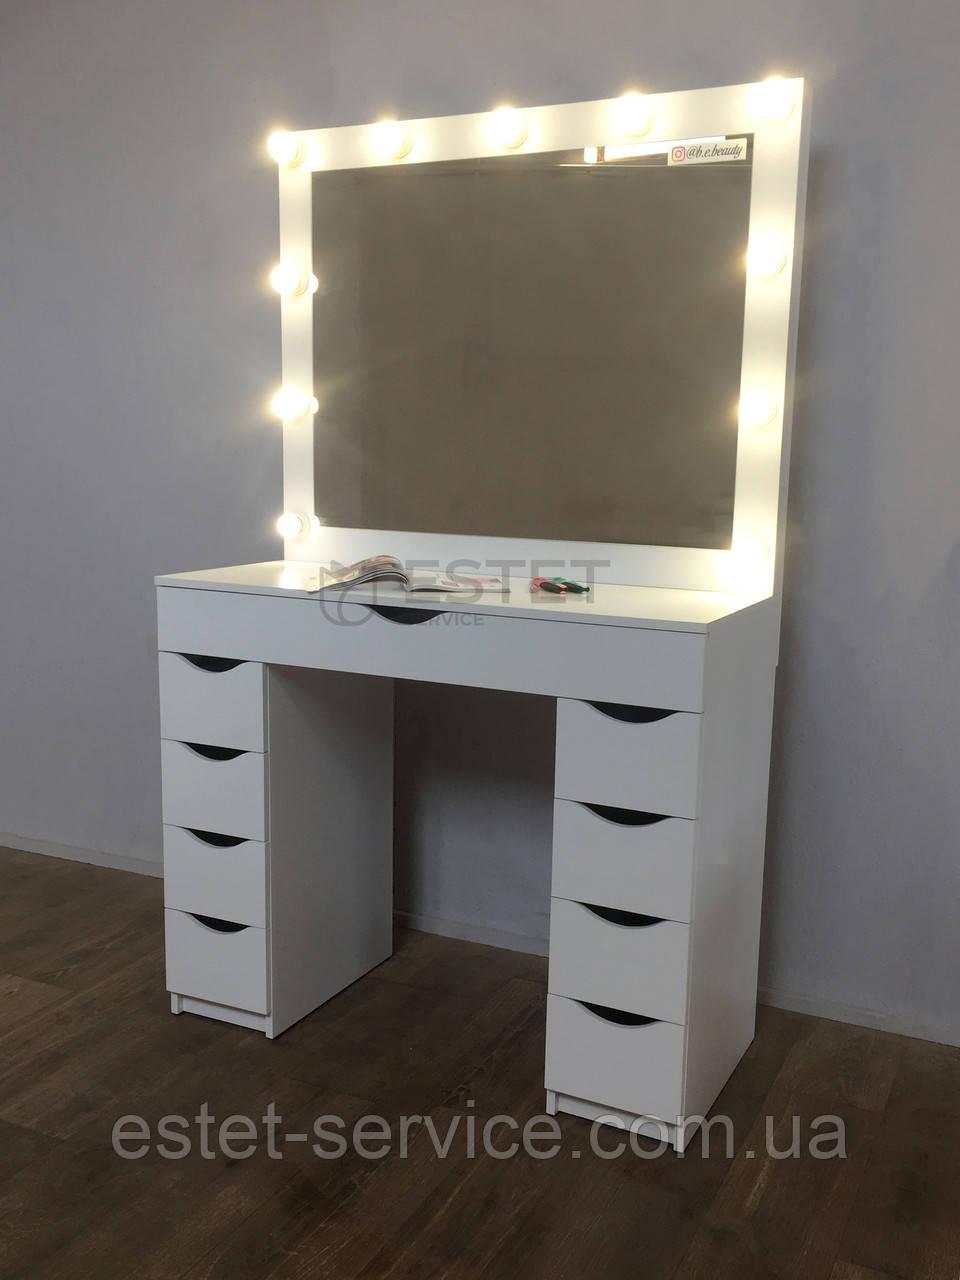 Гримерный стол для визажиста с перегородками в большом ящике М614-1